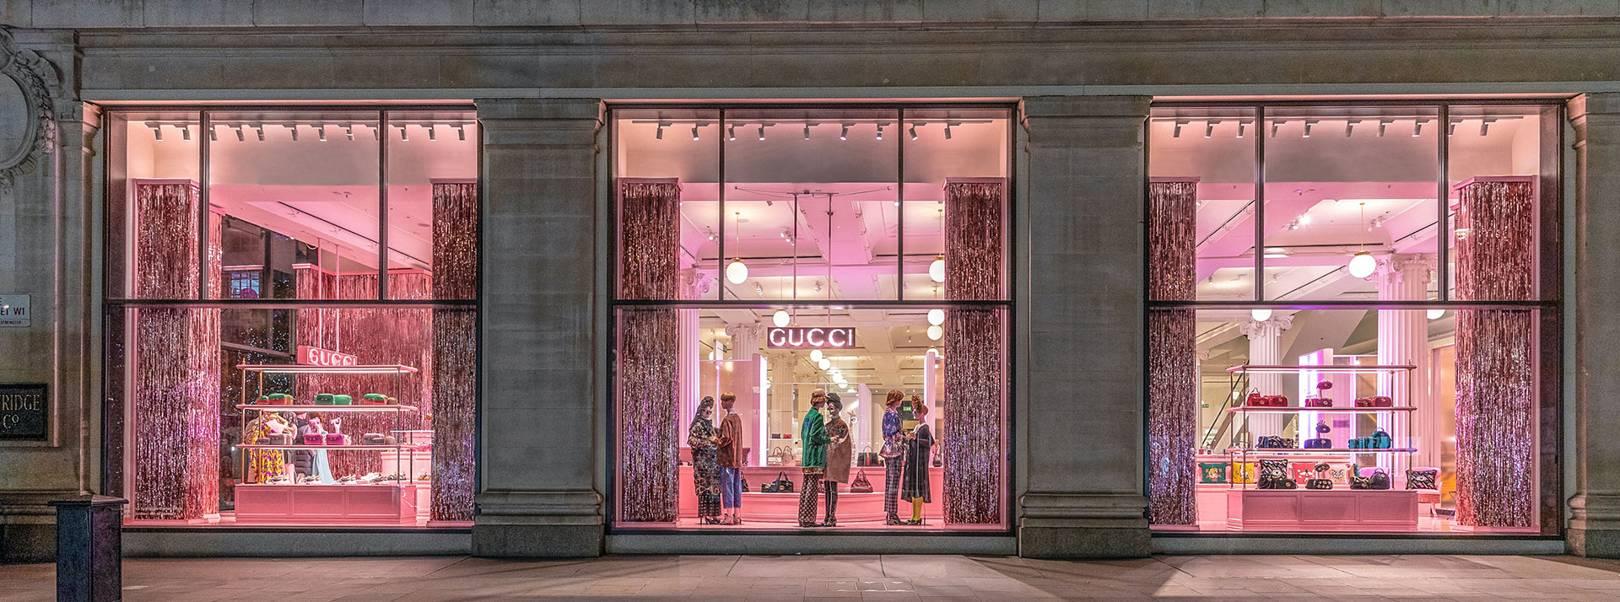 phân biệt cửa hàng flagship, concept, pop-up của các thương hiệu thời trang 19